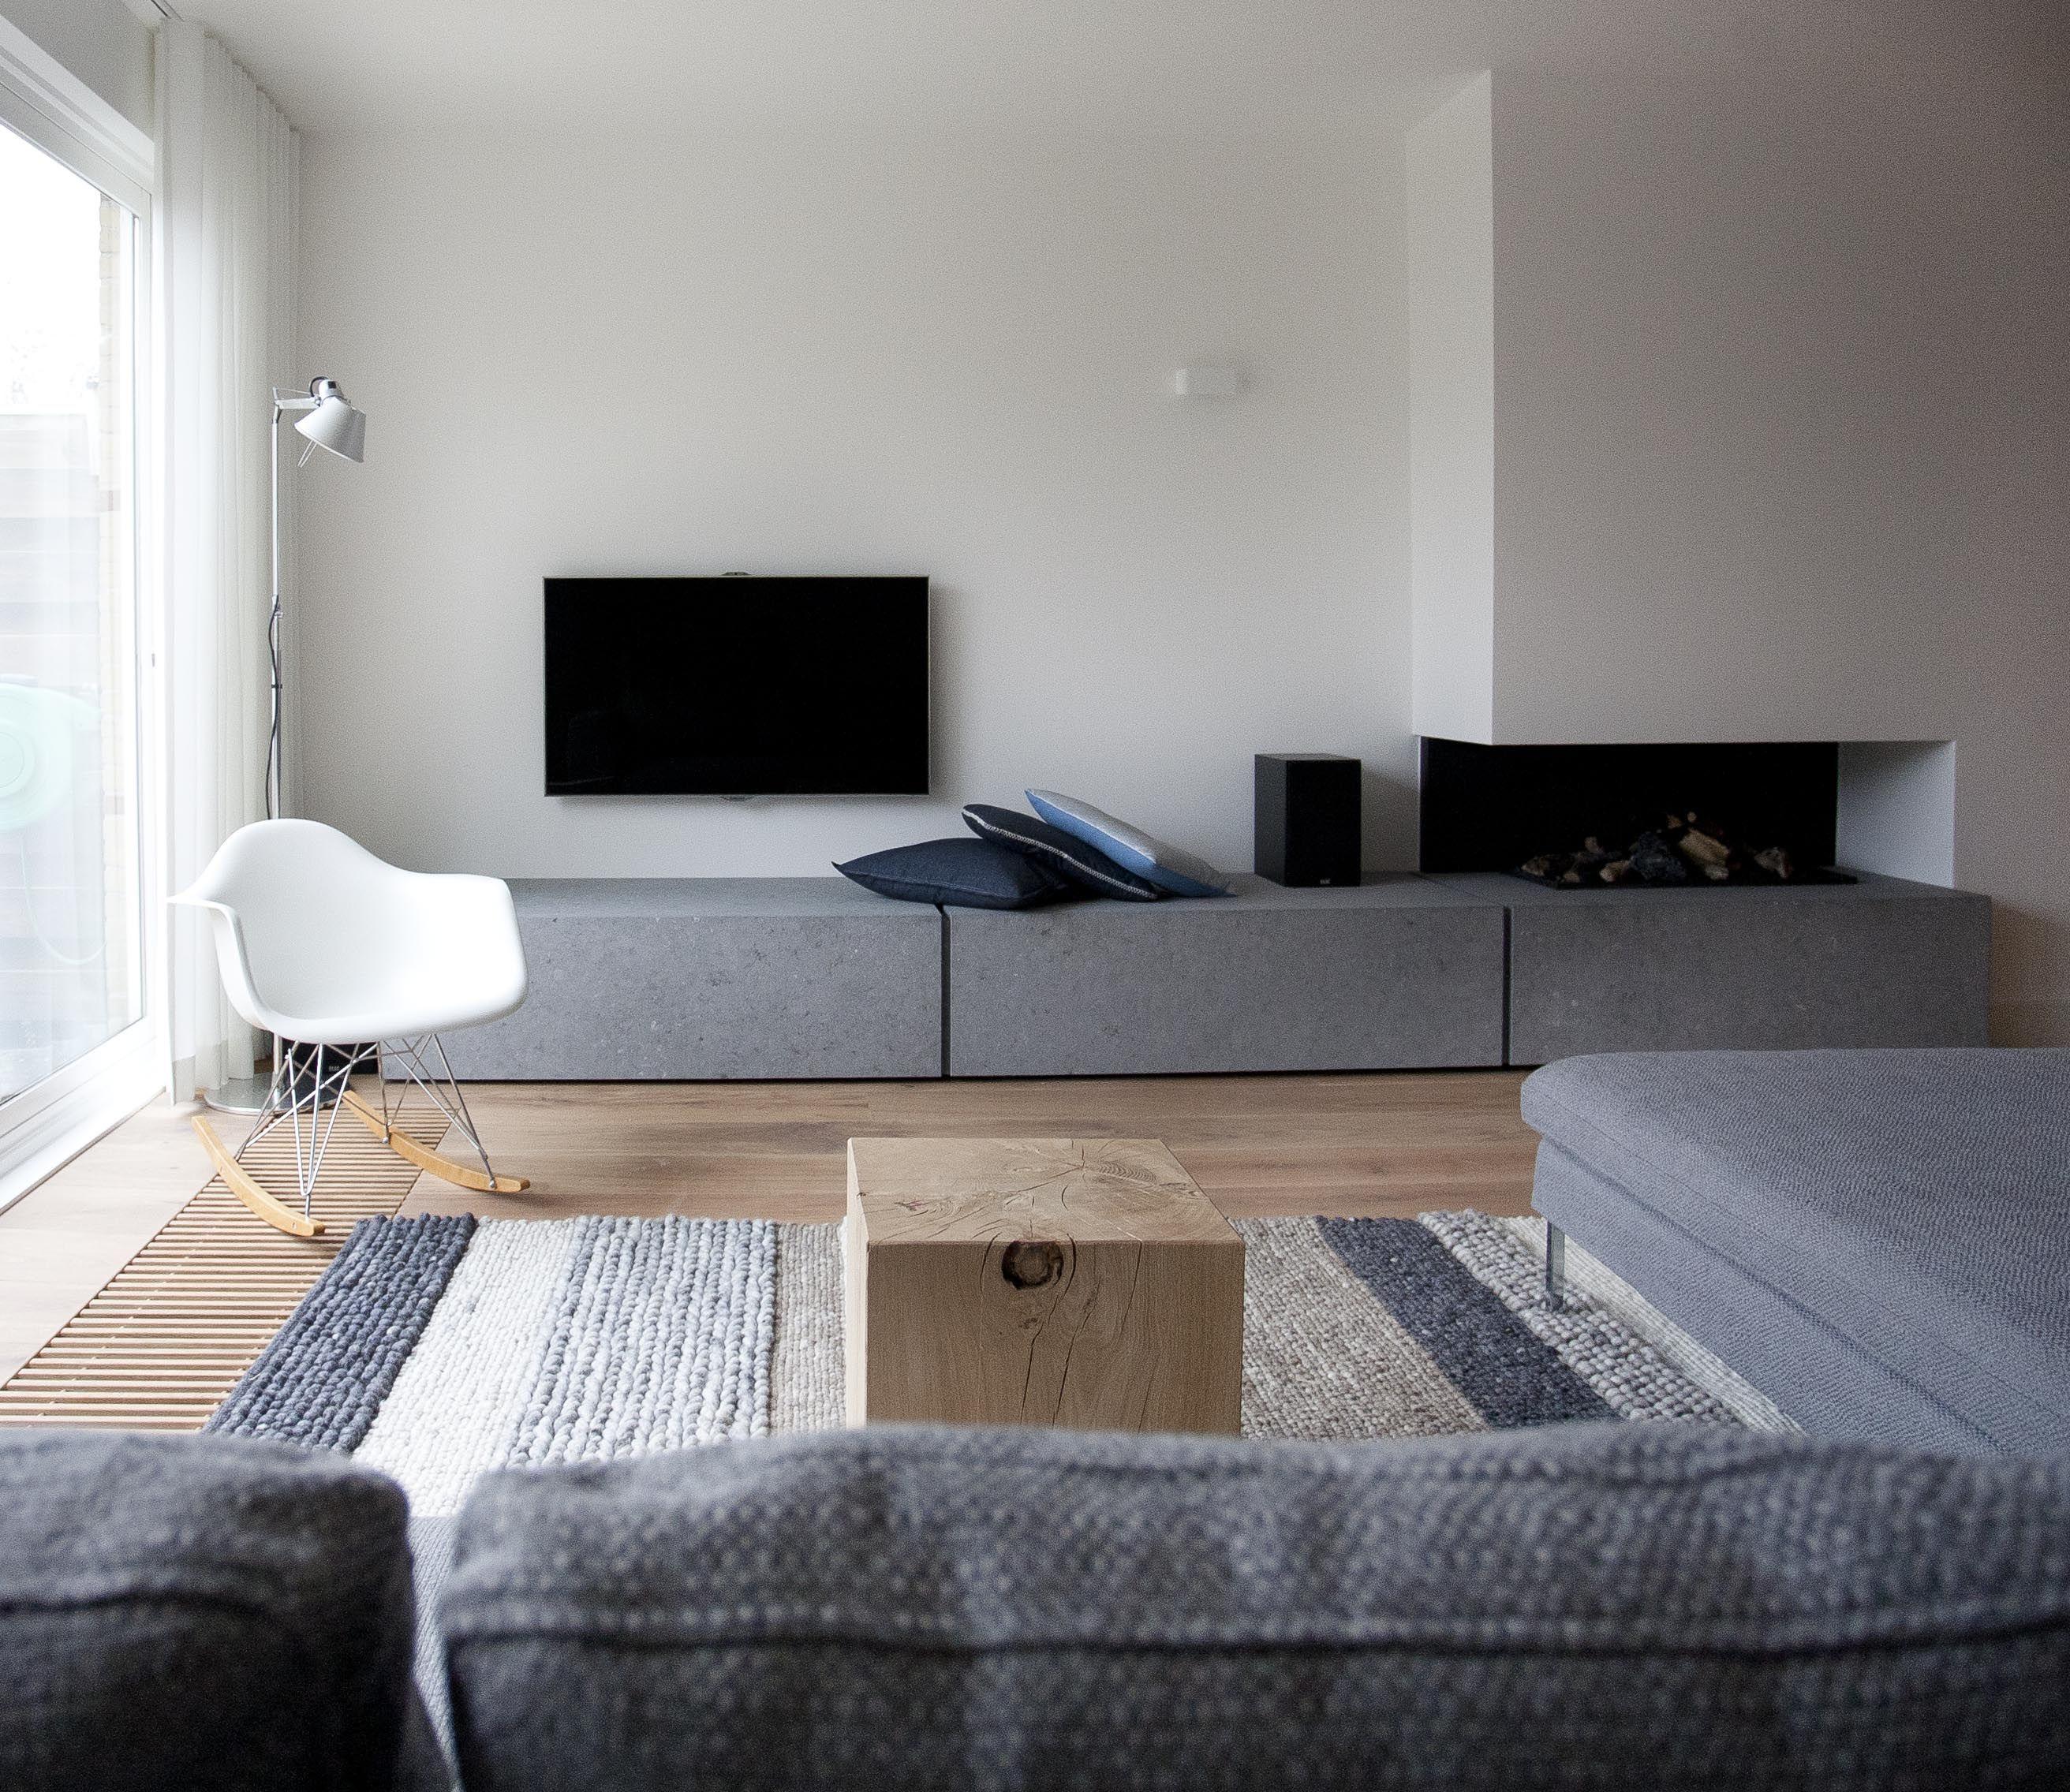 wohnzimmer kamin pinterest wohnzimmer einrichtung und wohnen. Black Bedroom Furniture Sets. Home Design Ideas